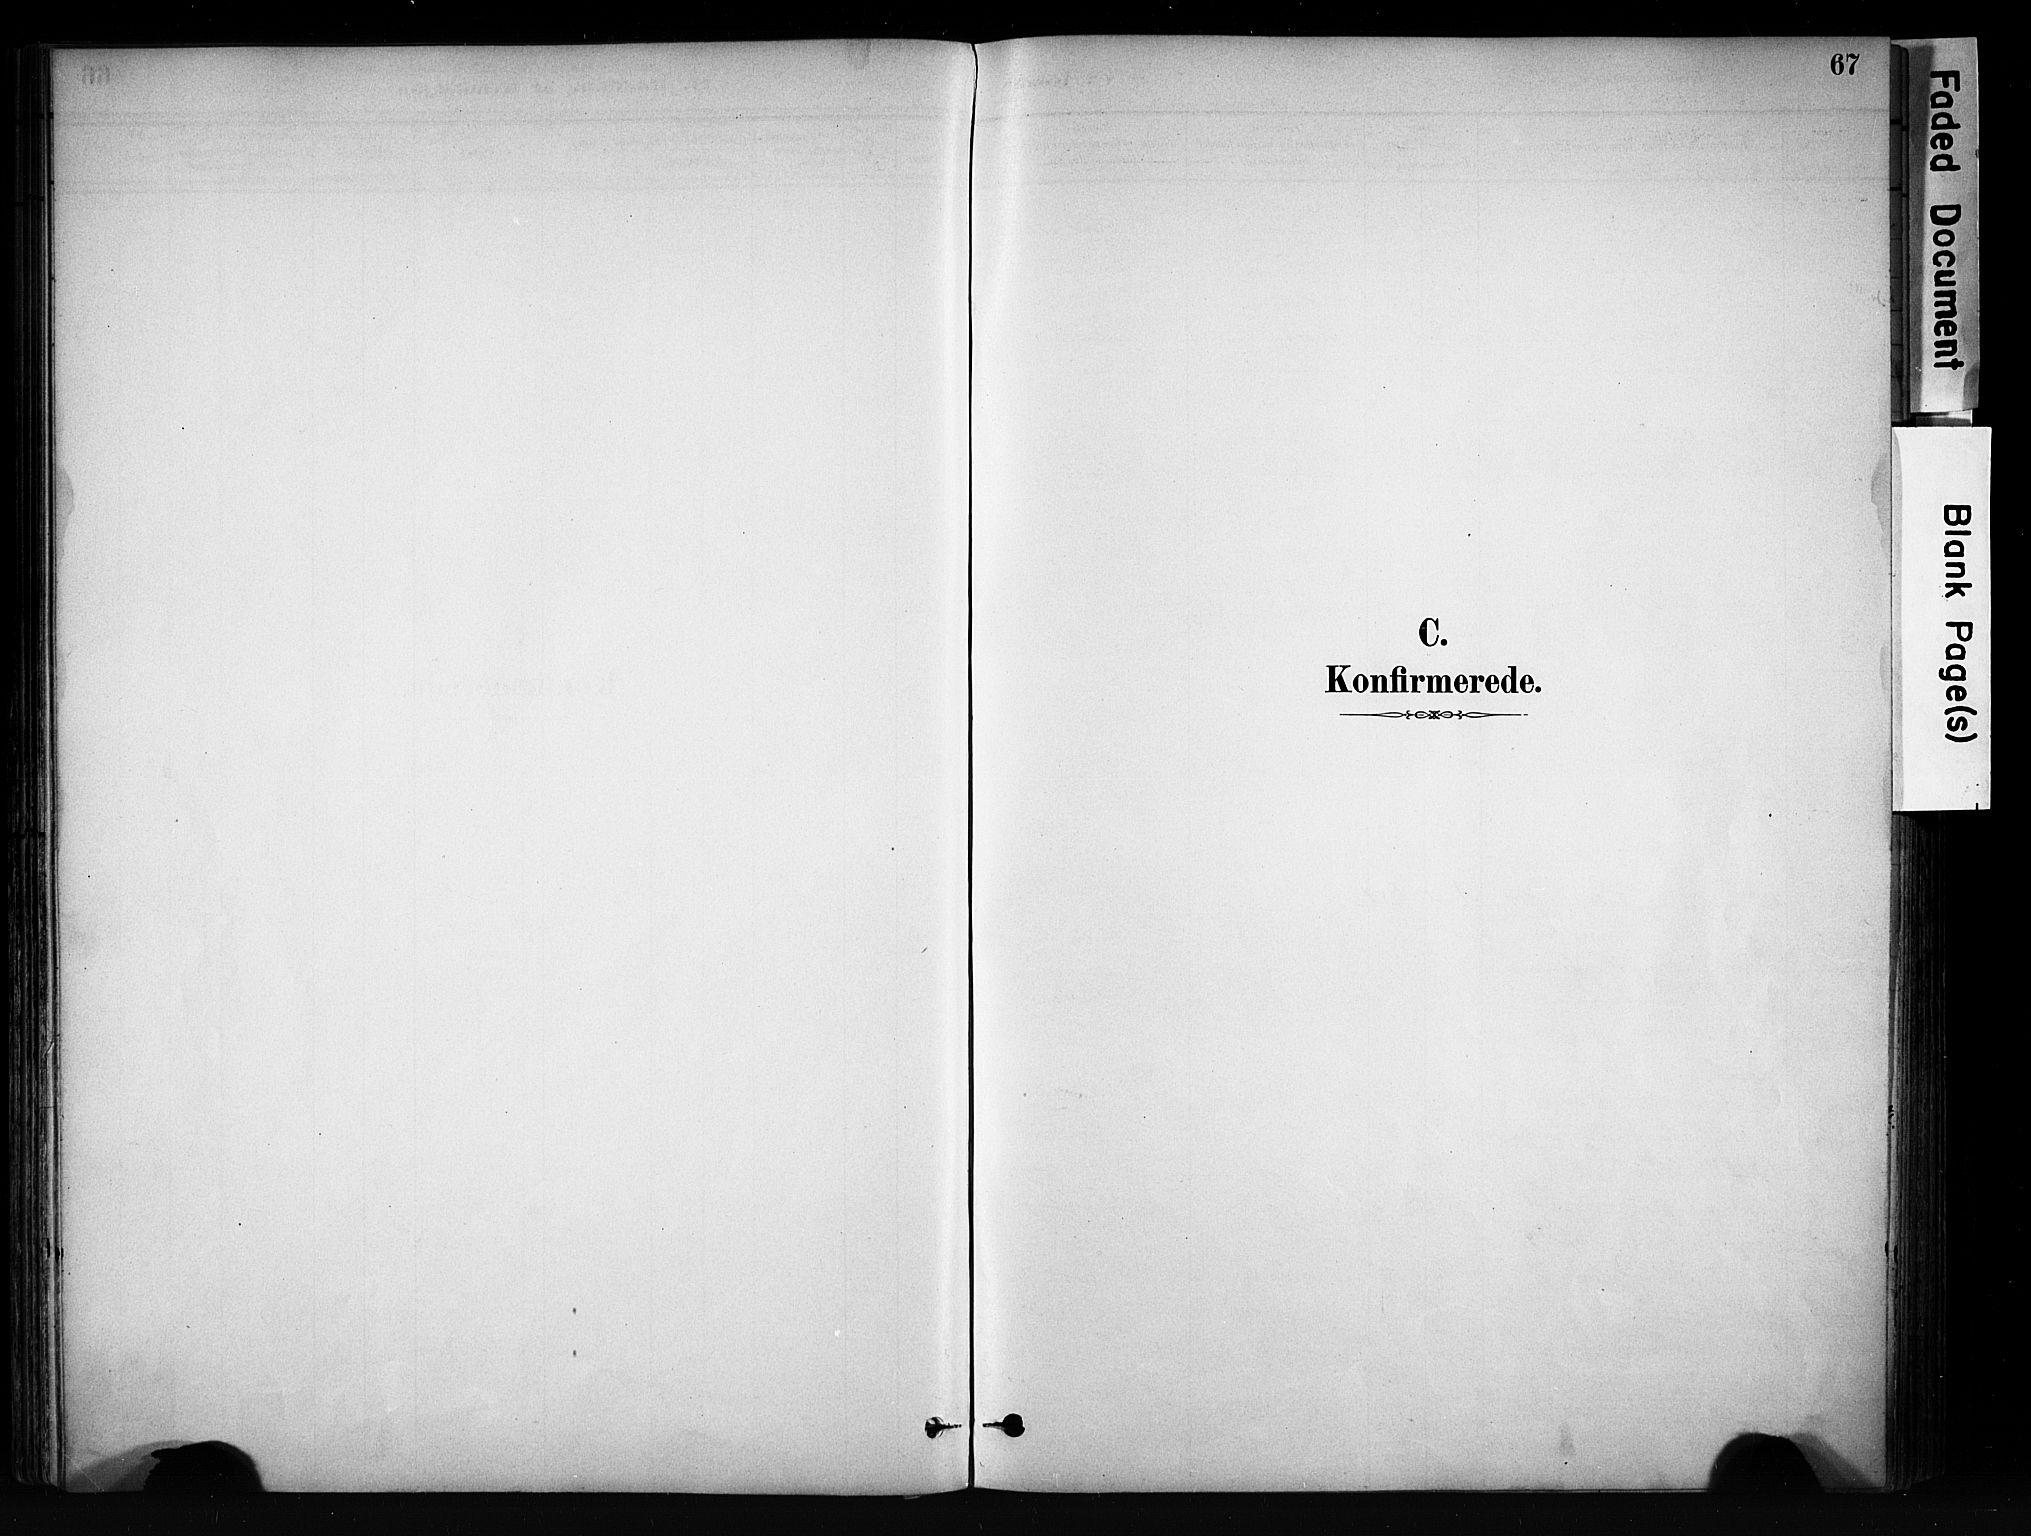 SAH, Vang prestekontor, Valdres, Ministerialbok nr. 9, 1882-1914, s. 67